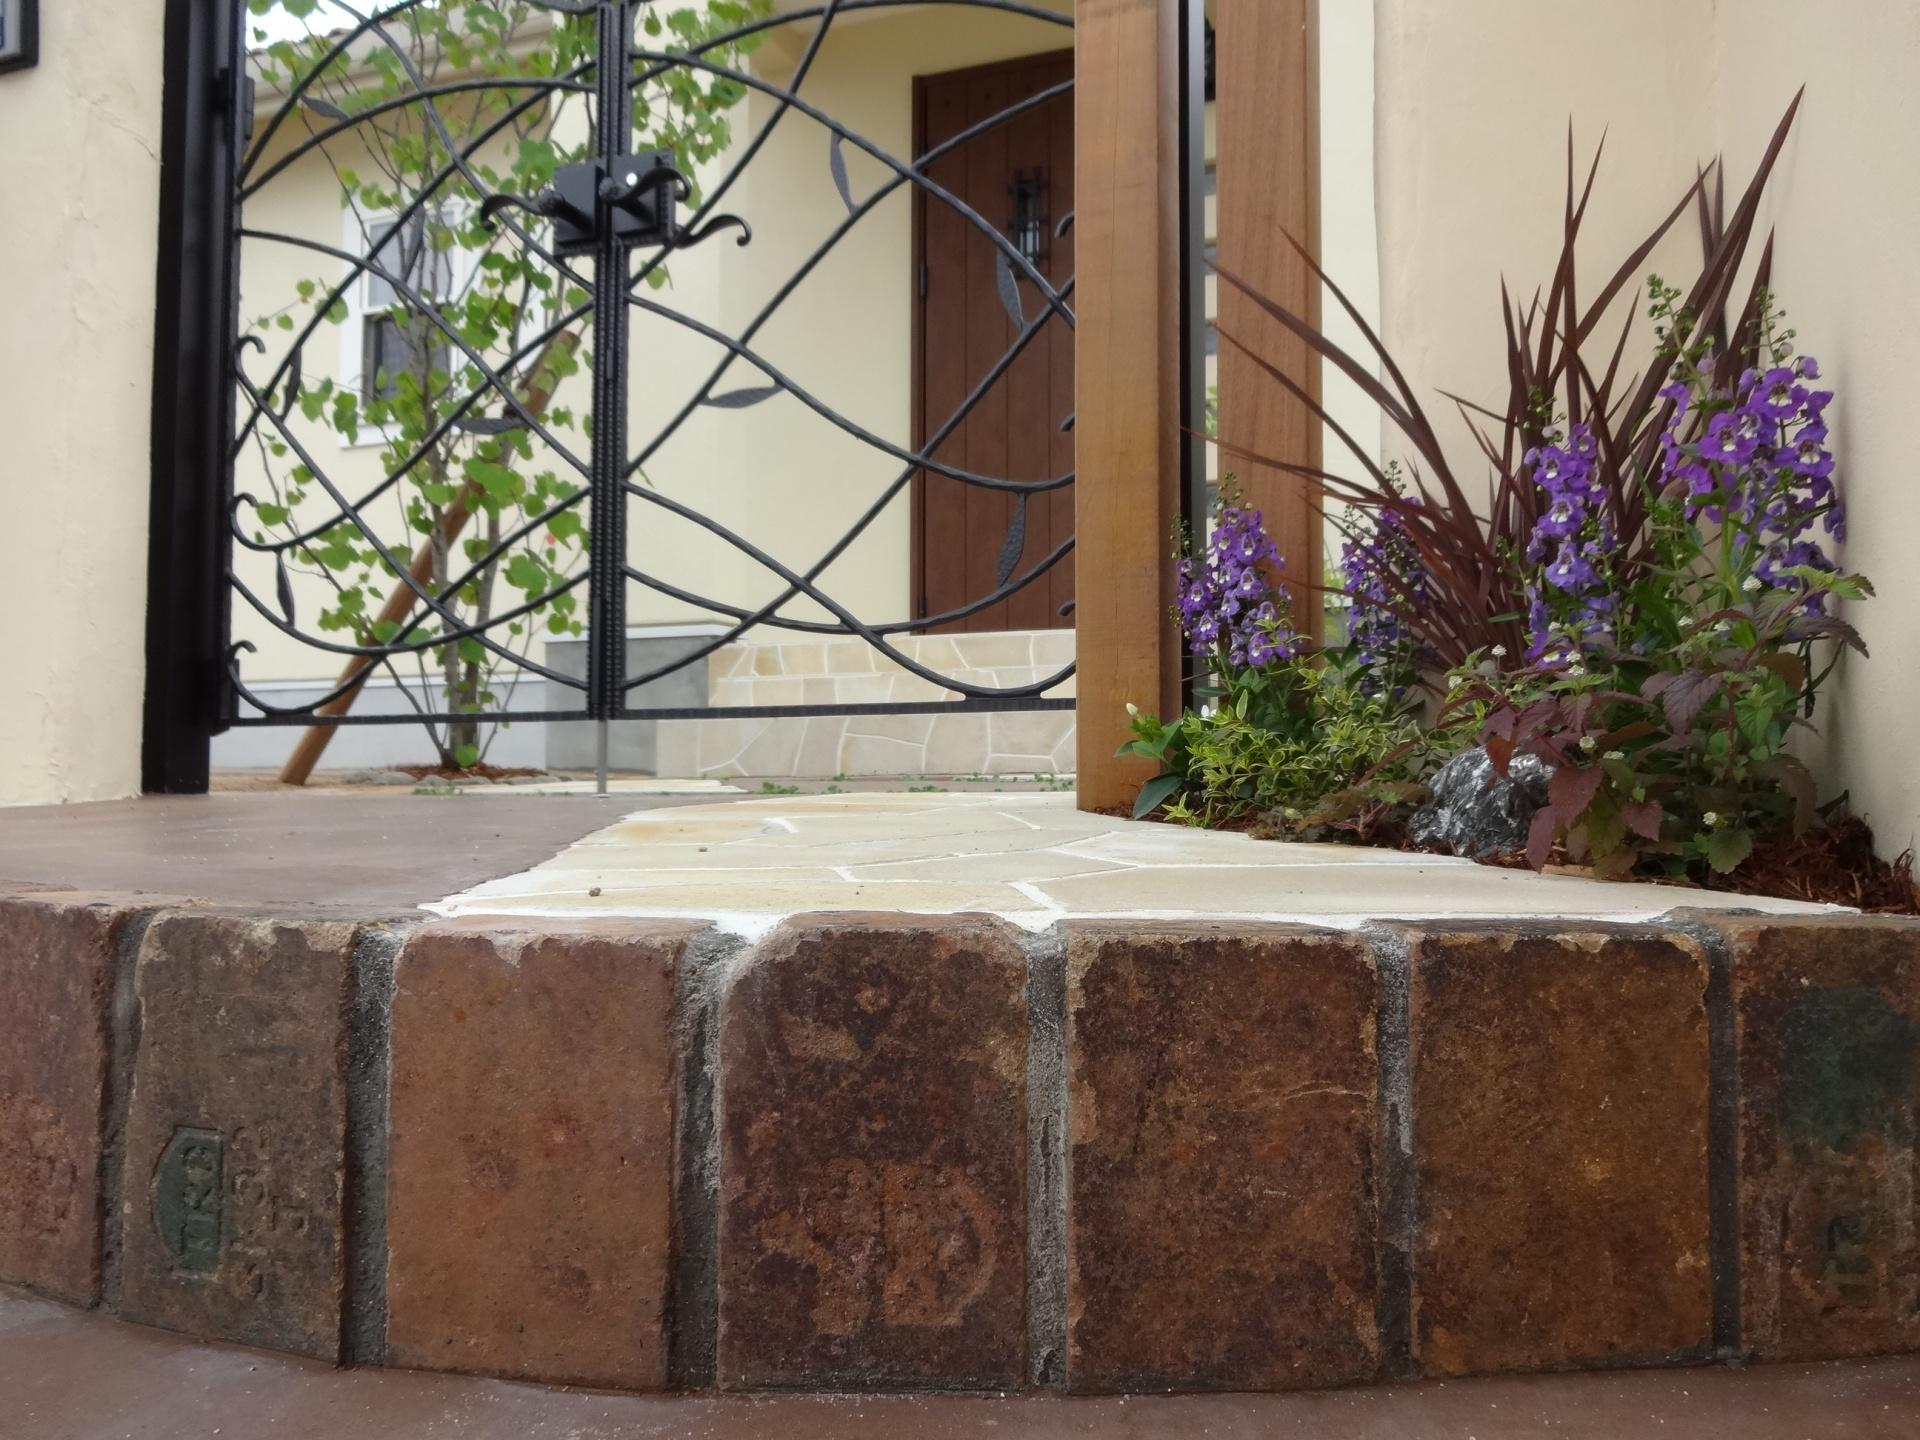 創作的なナチュラルなお庭アンティーク風なアプローチデザイン 姫路市M様邸